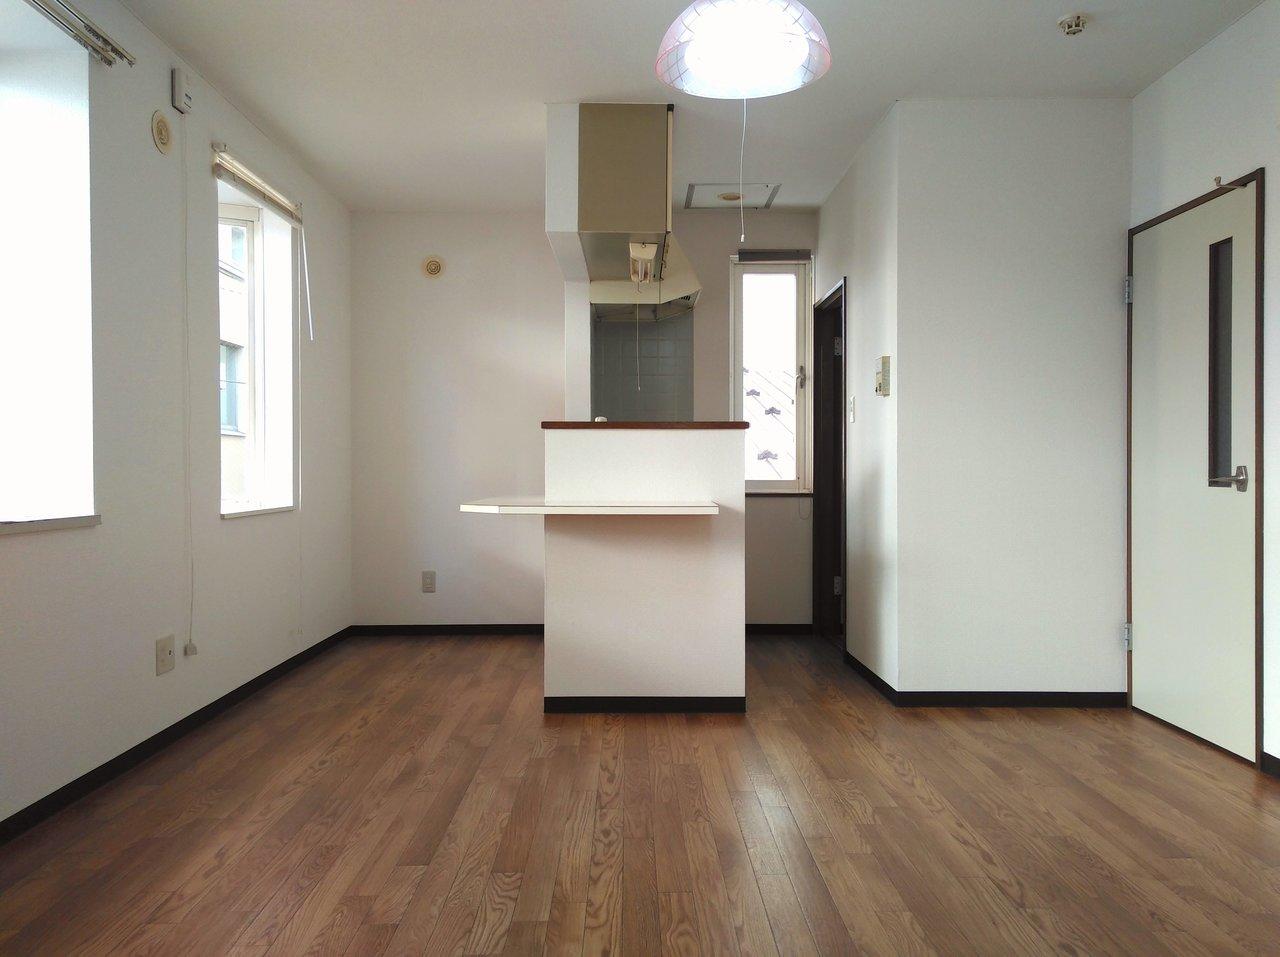 最後はL字型のカウンターがついたキッチンが印象的なこちらのお部屋。一人でゆったり暮らすのもいいし、二人で暮らすことももちろん十分な広さの2LDKのお部屋です。